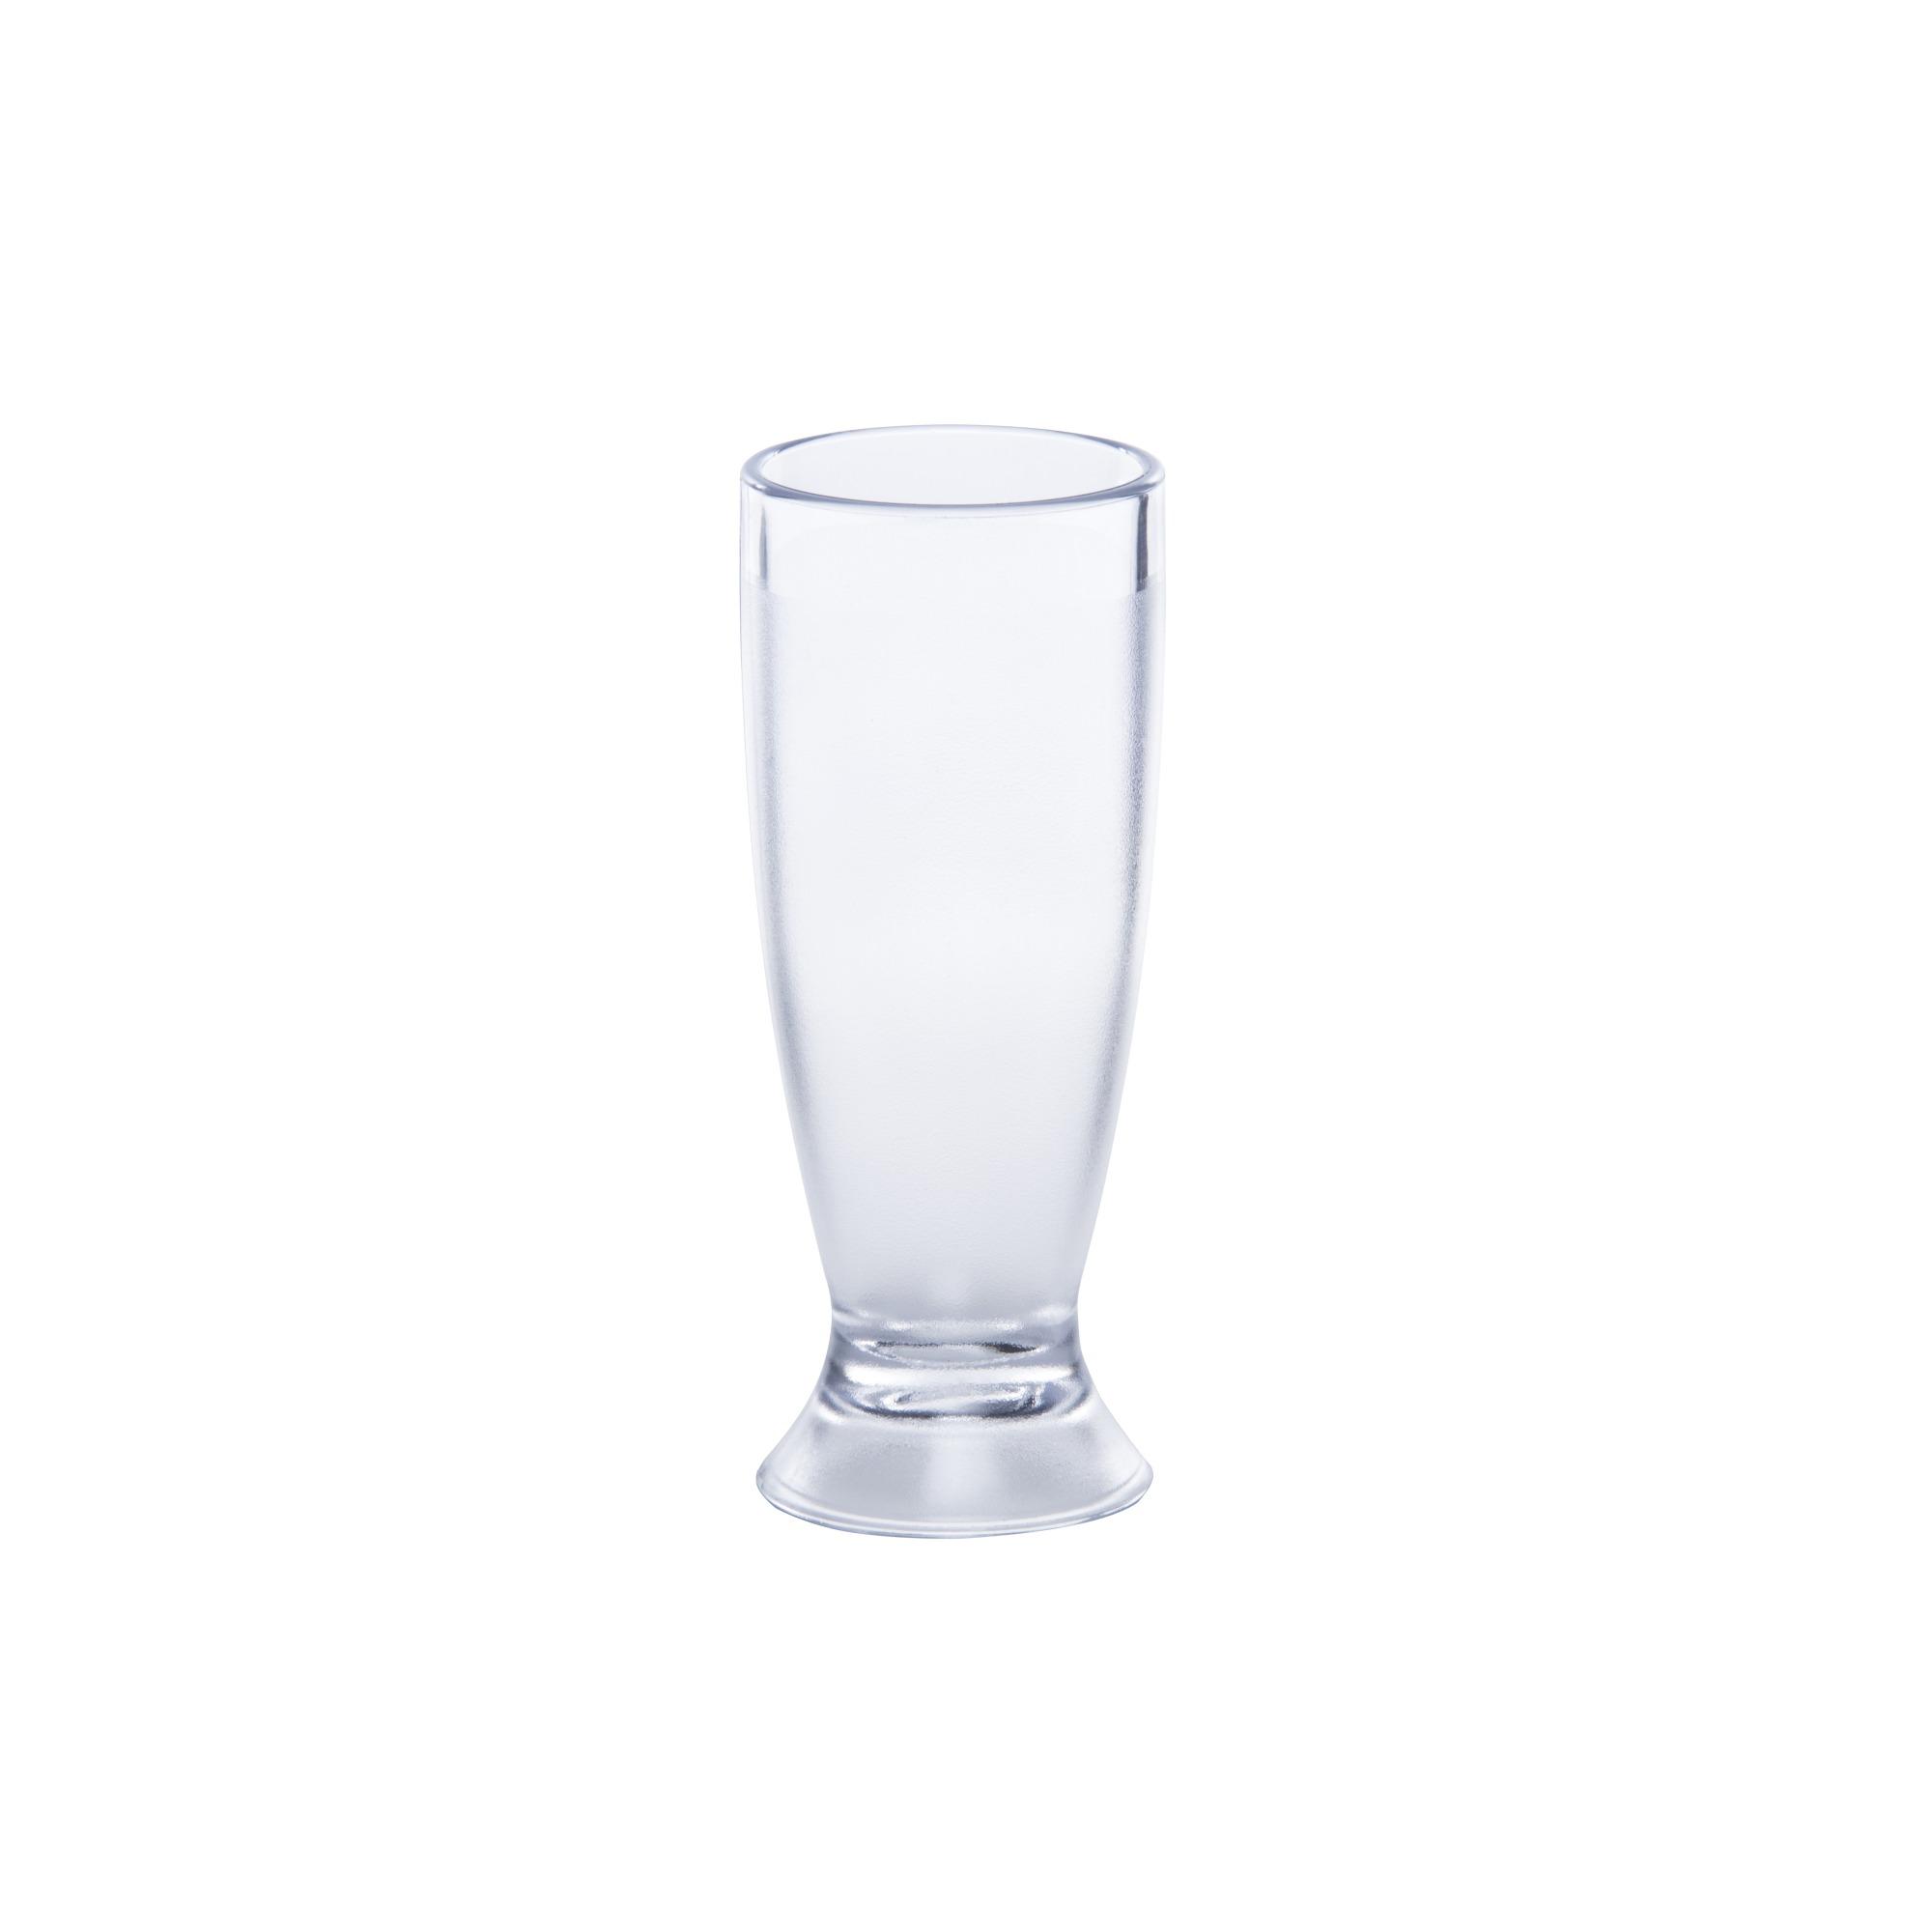 Copo Plastico 300ml Transparente - Vem Plast